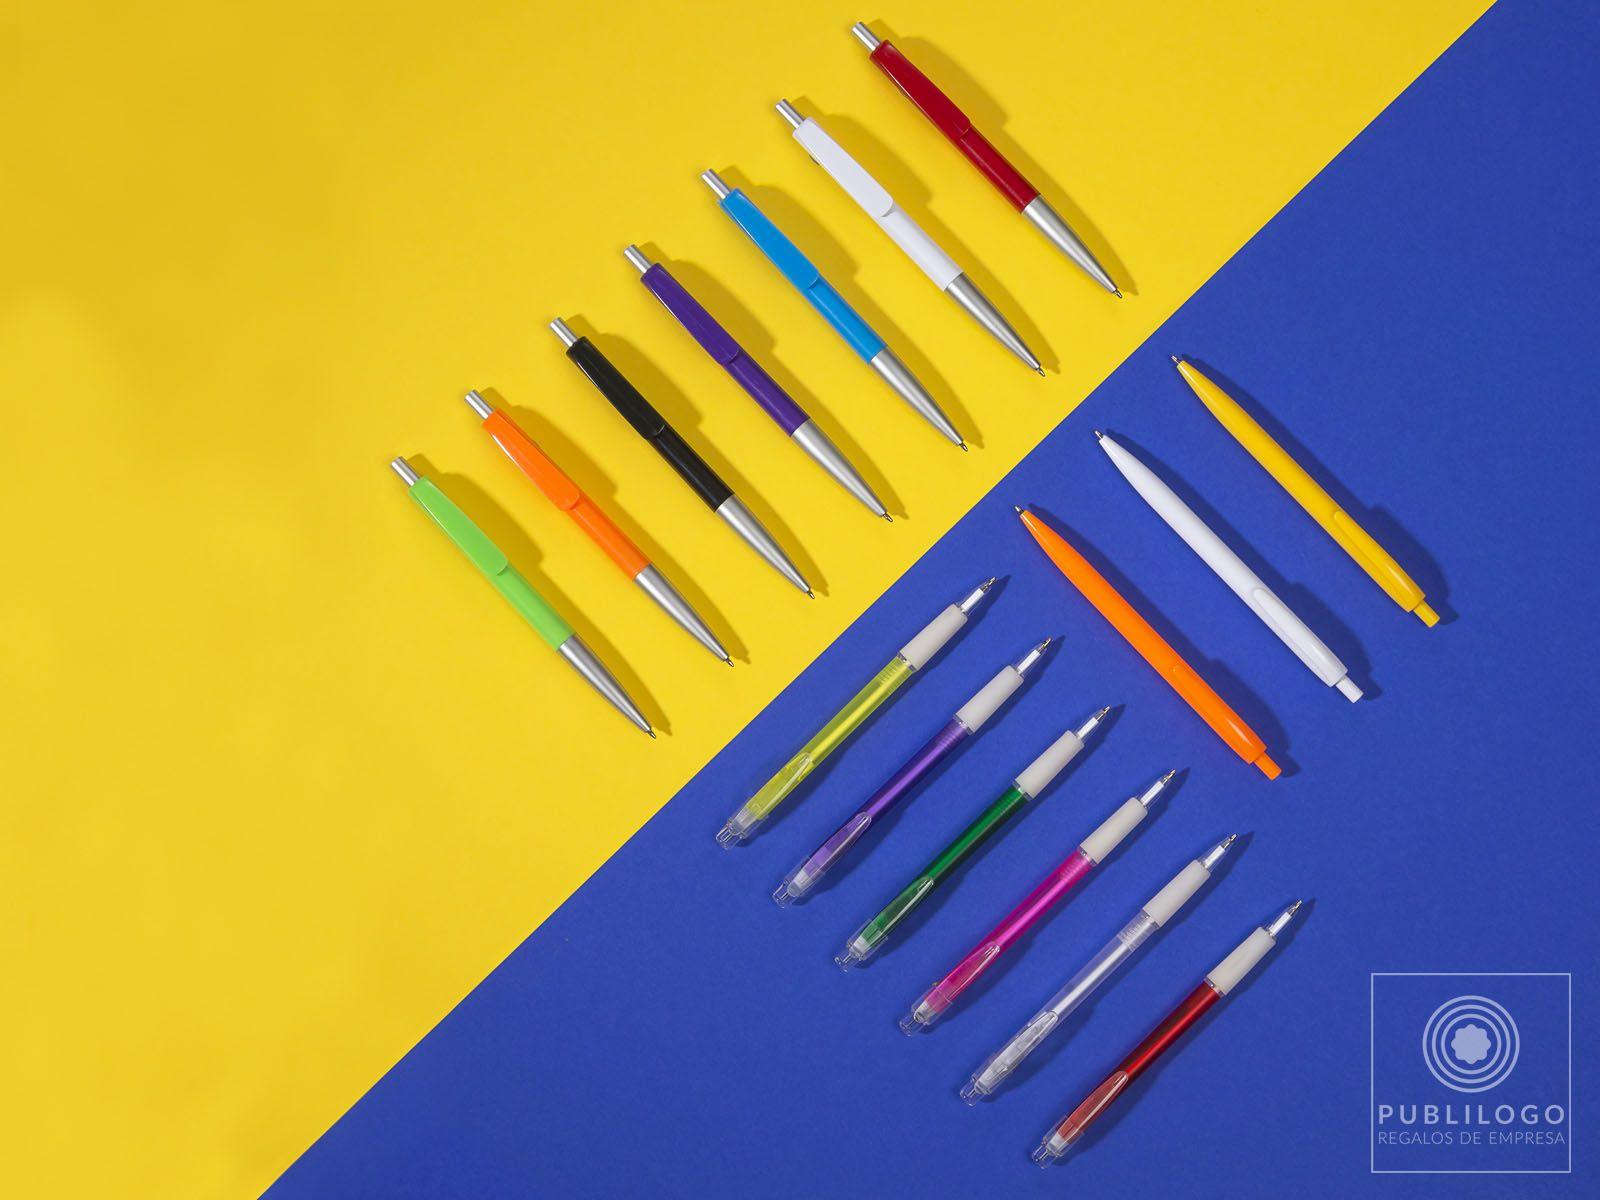 Nueva colección de bolígrafos 2017